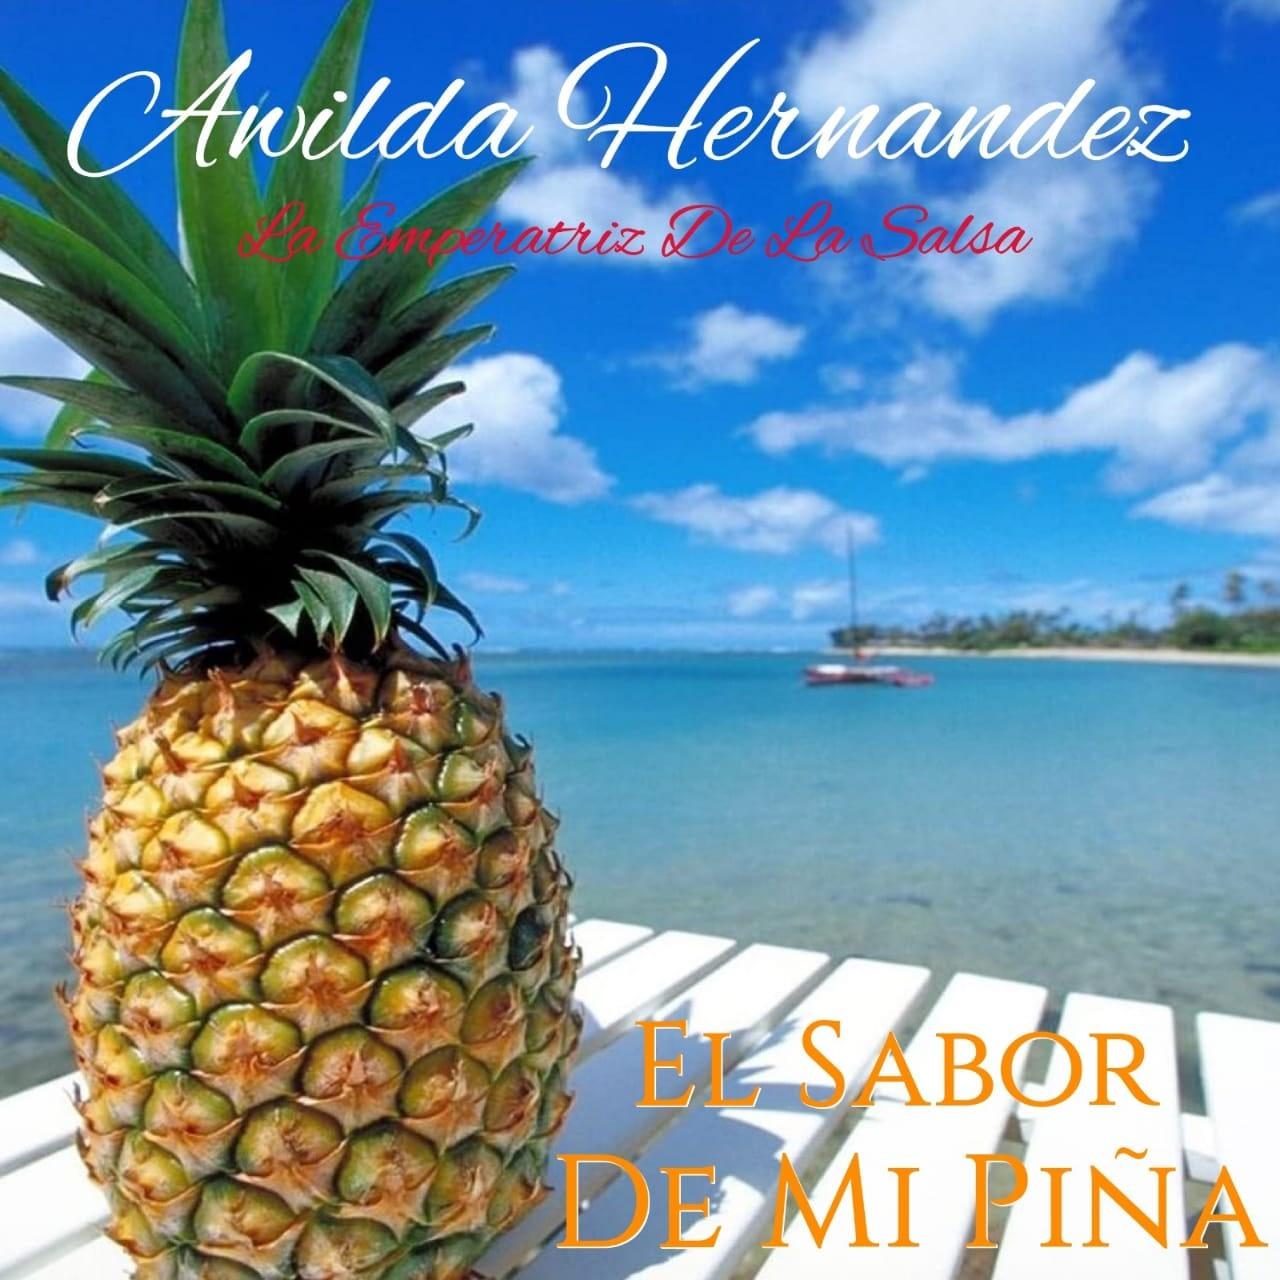 El Sabor De Mi Piña - Awilda Hernandez